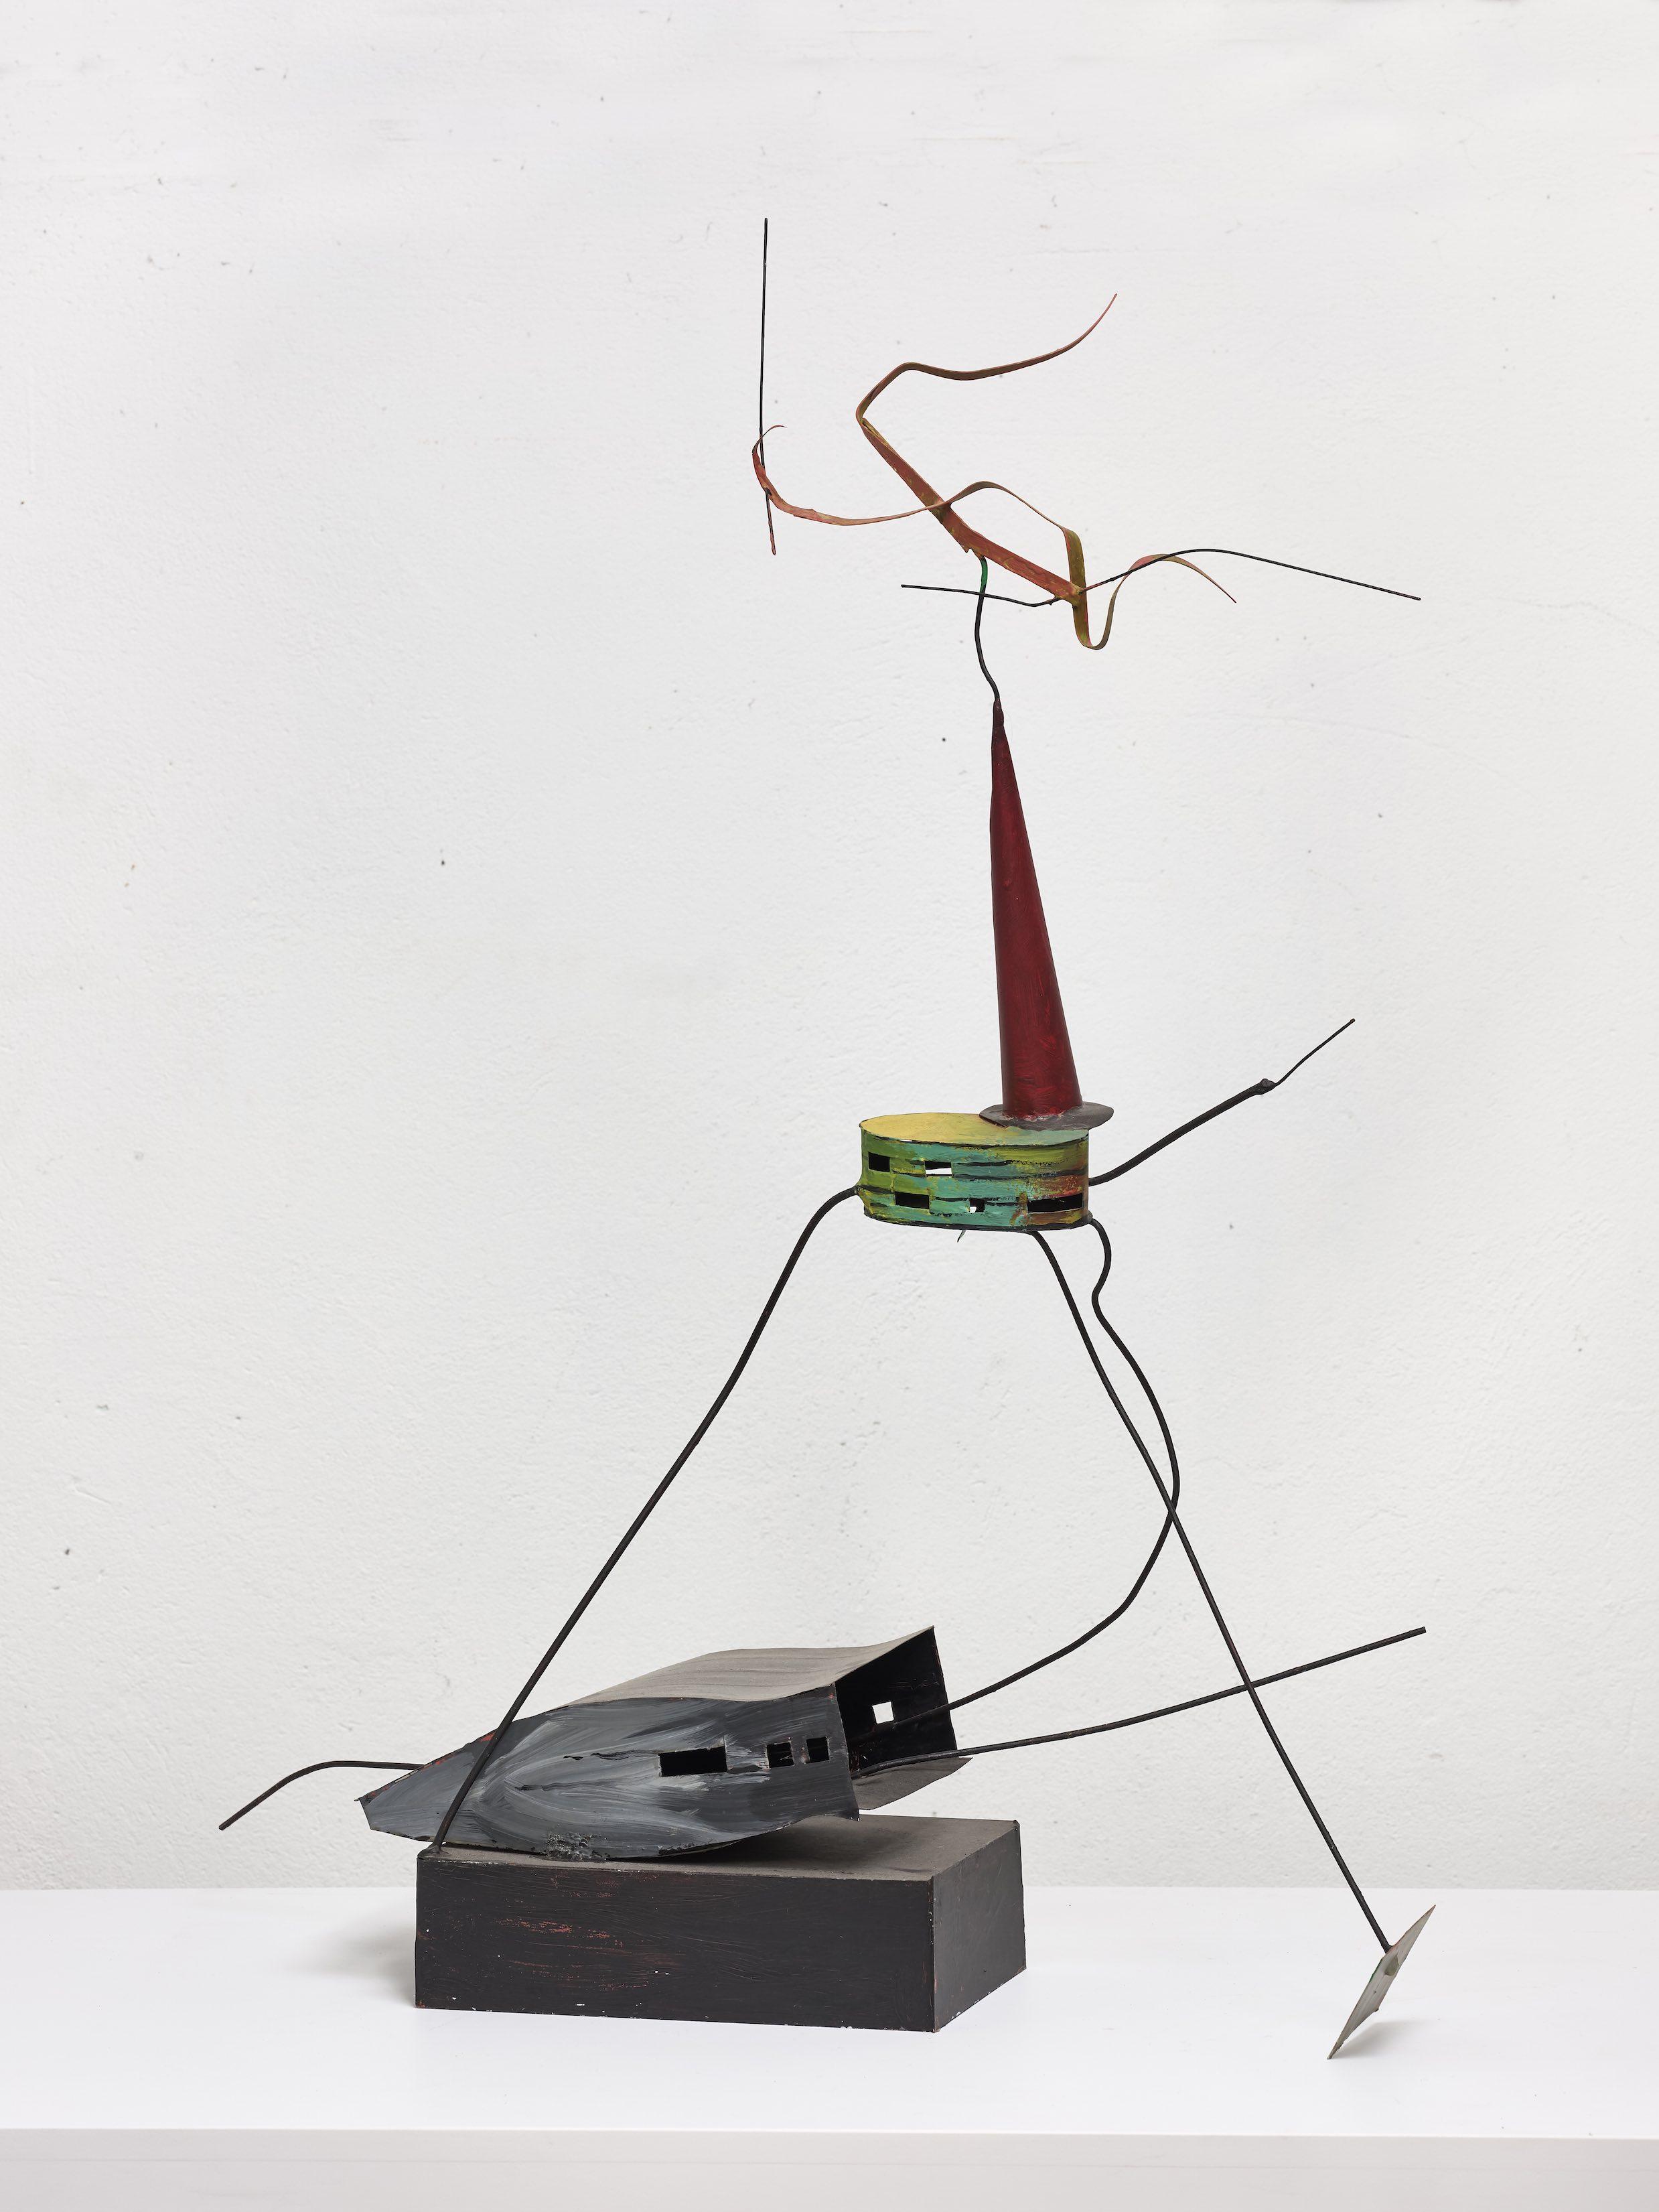 ohne Titel, 2003